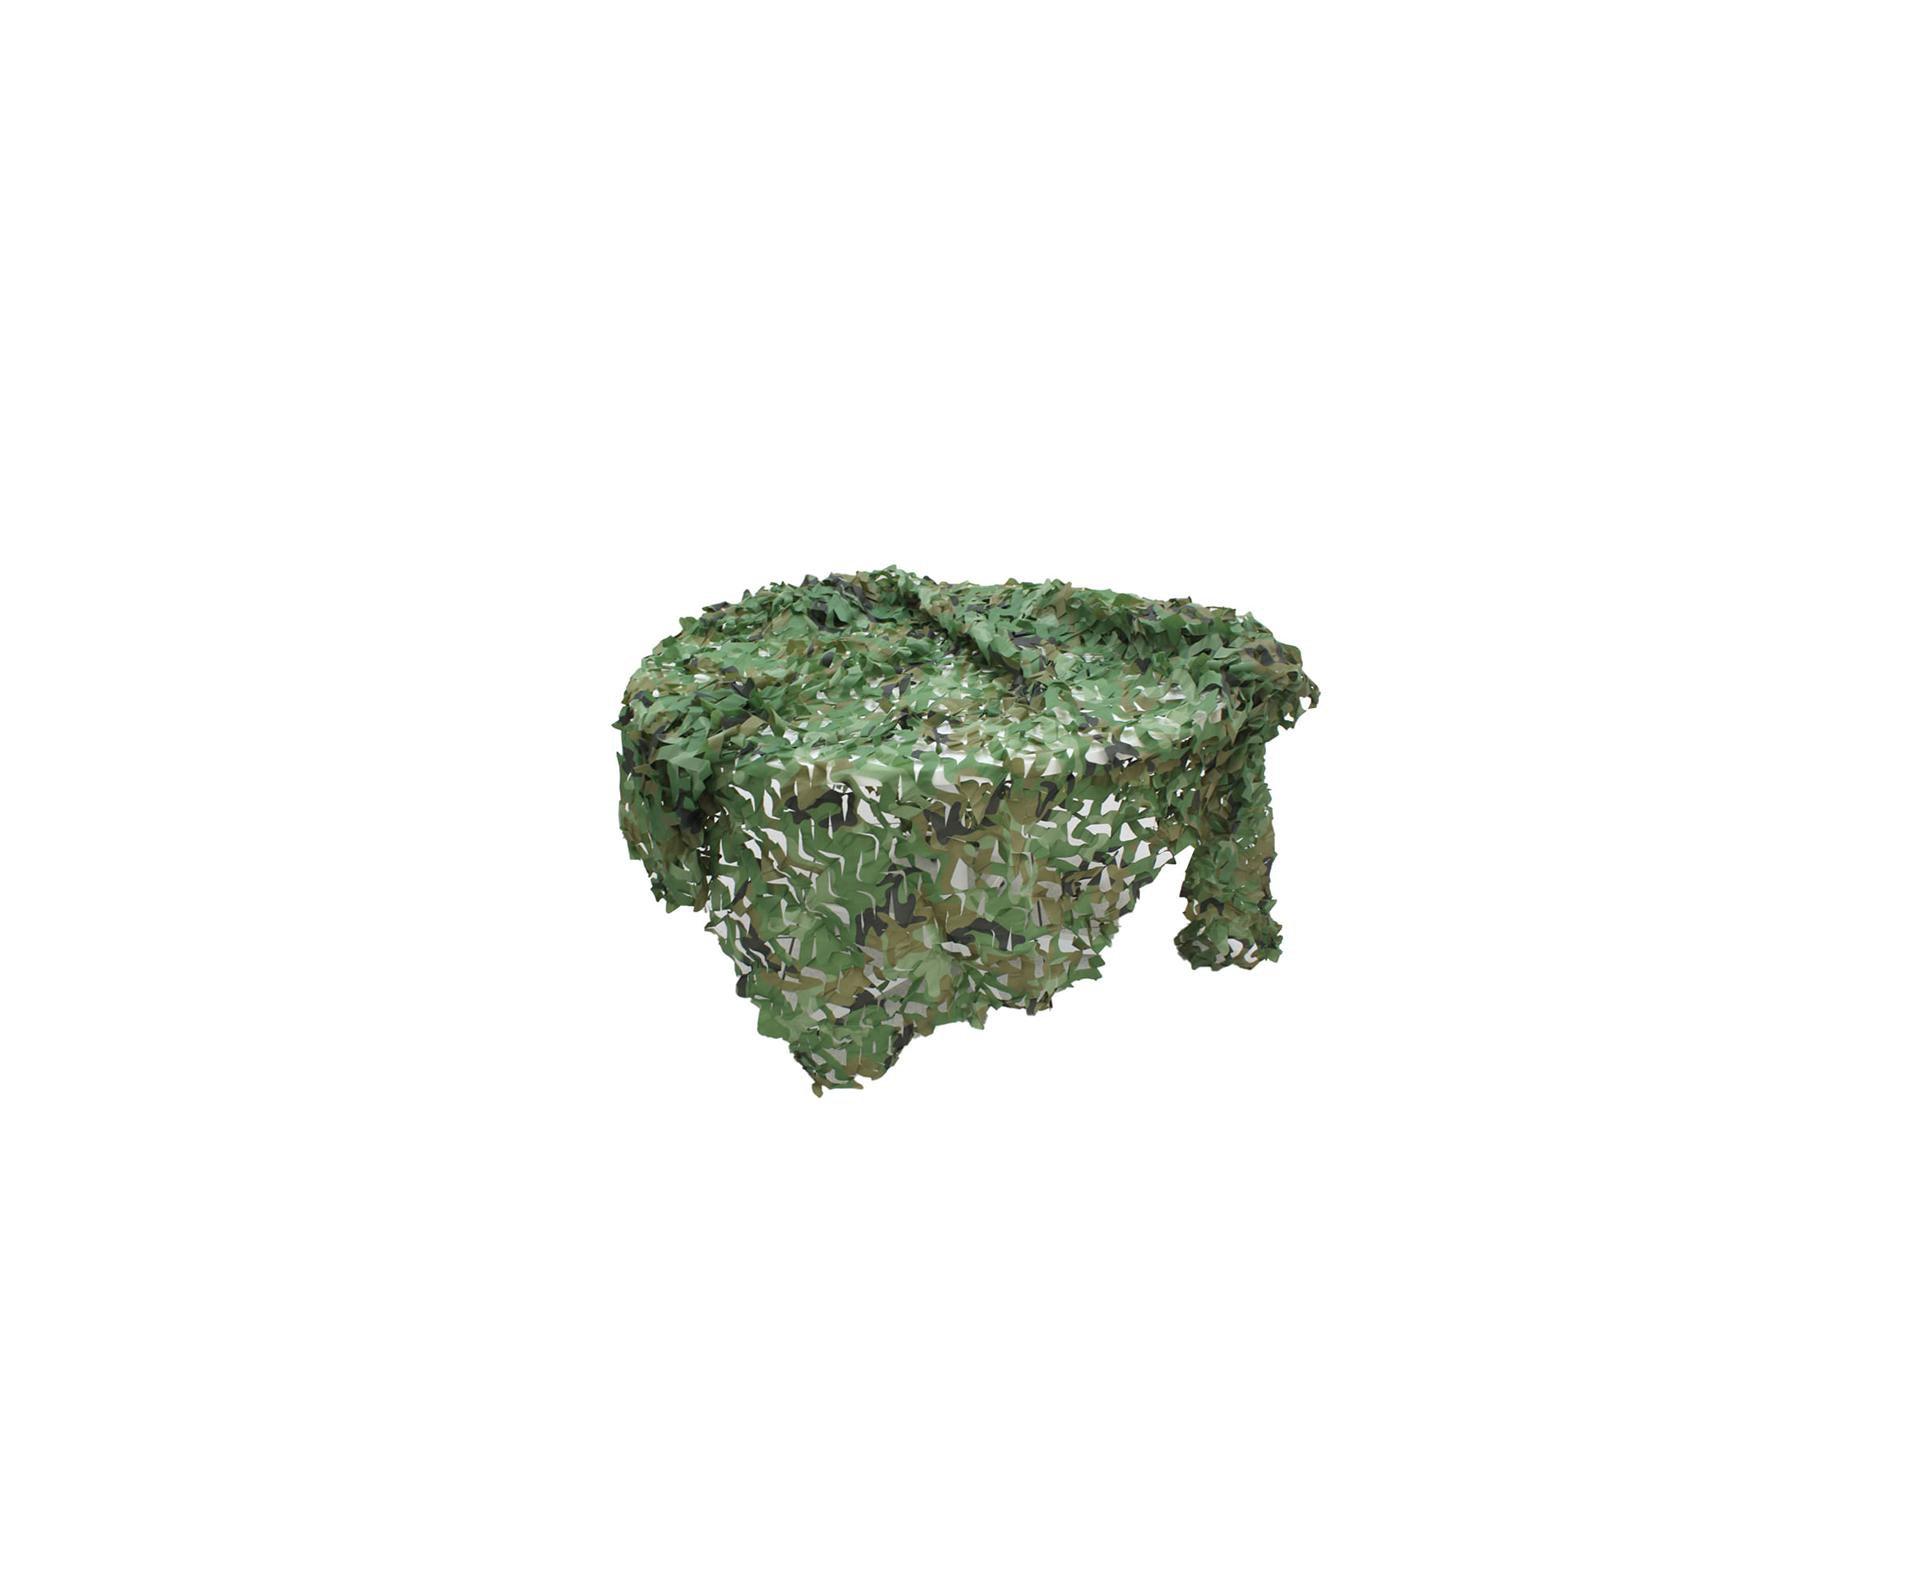 Rede De Camuflagem Forest Ntk Tático De 2x3 Metros